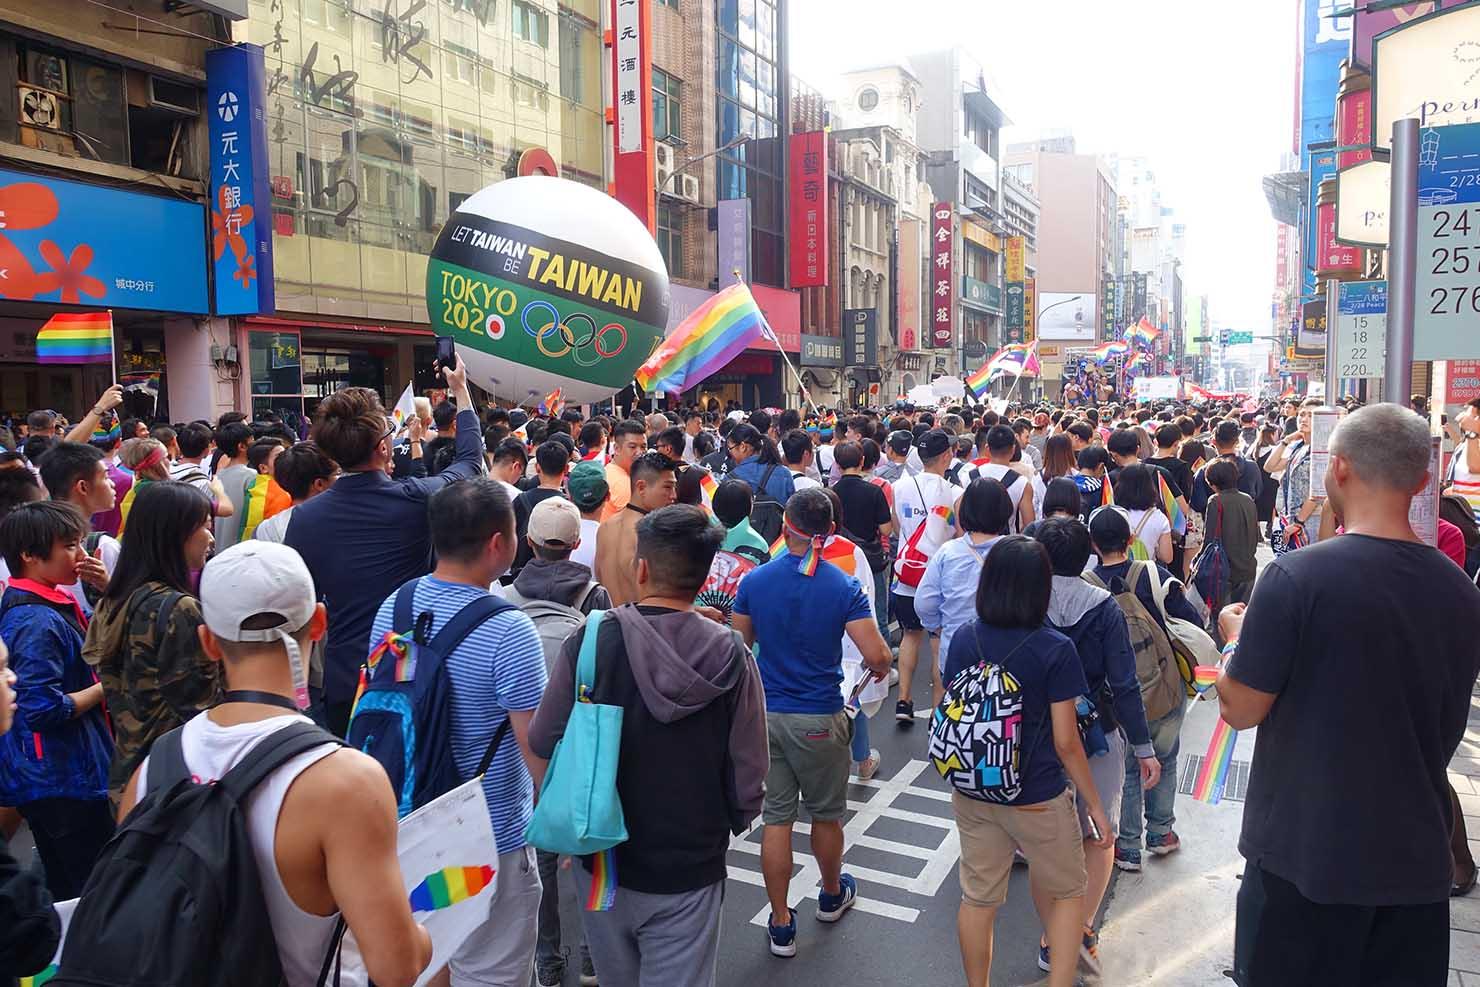 台湾LGBTプライド(台灣同志遊行)2017で衡陽路を歩くパレード隊列